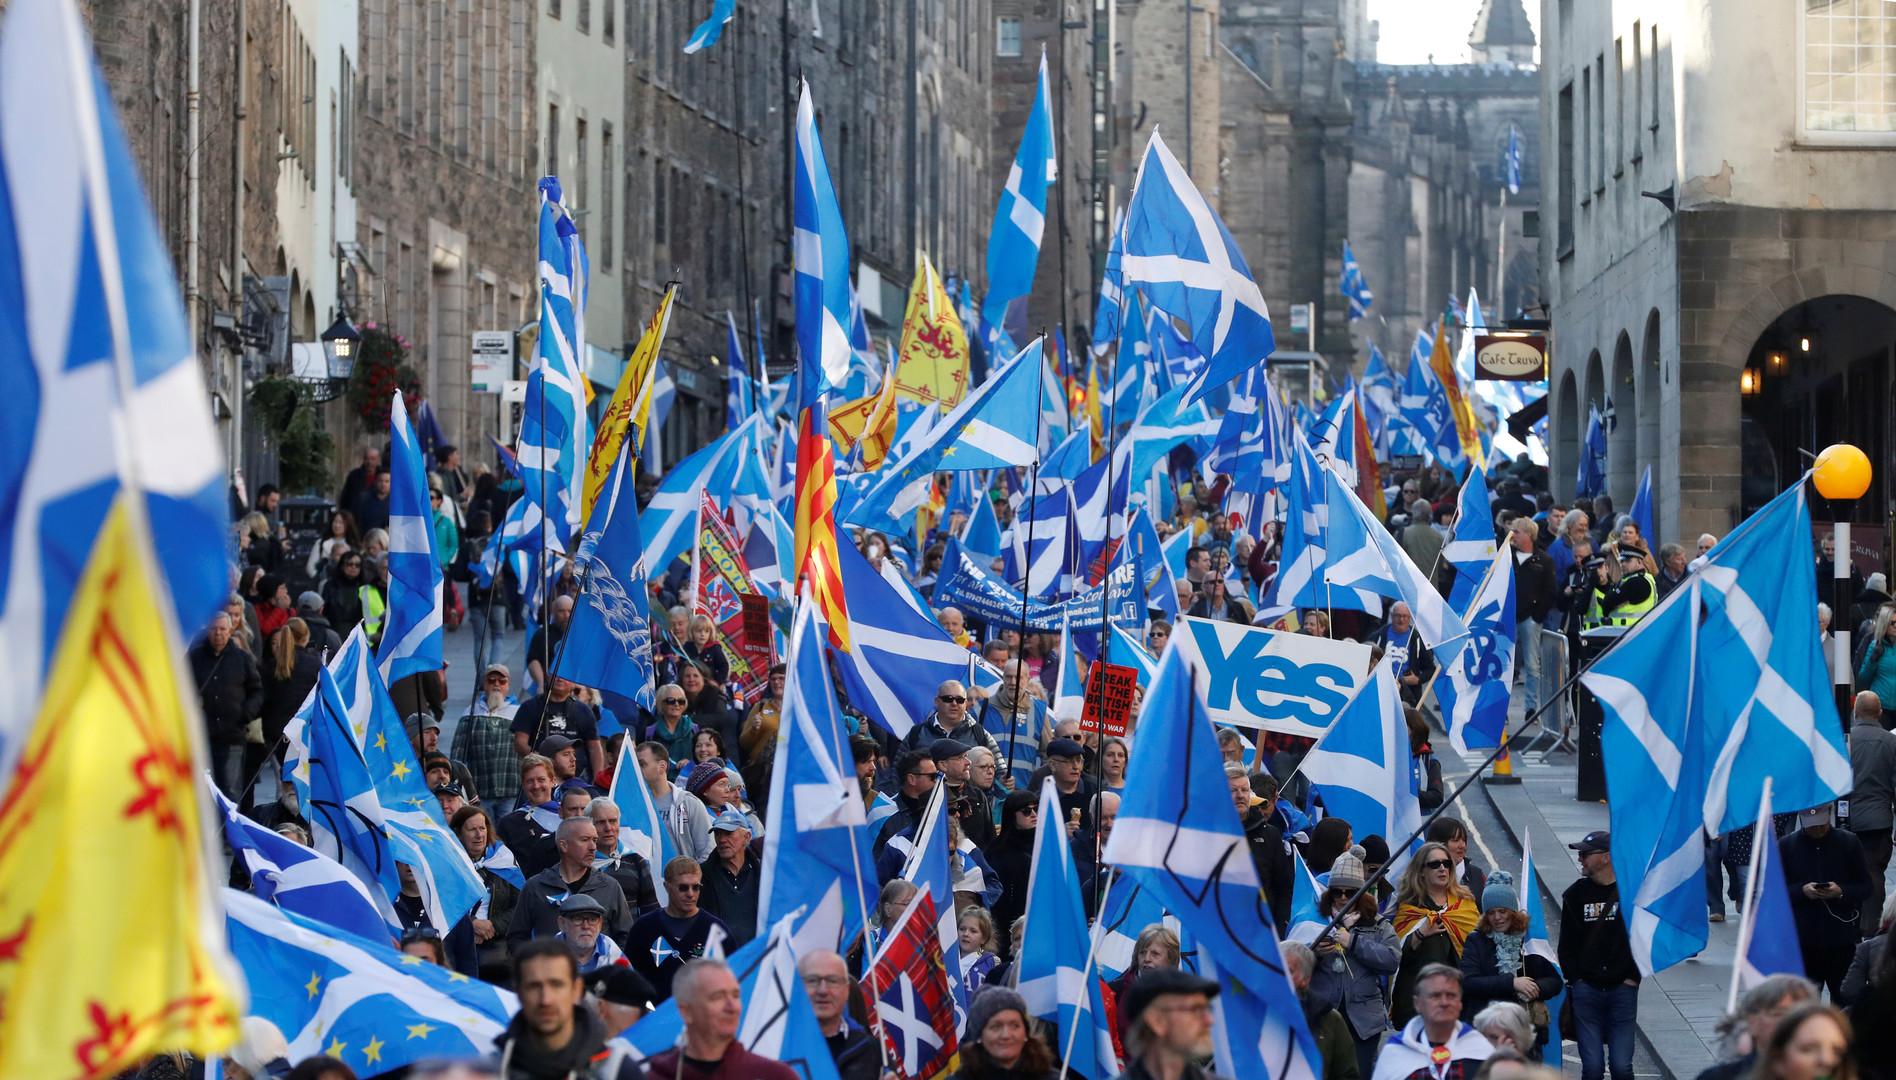 رجوح كفة الميزان لصالح دعاة الاستقلال في اسكتلندا